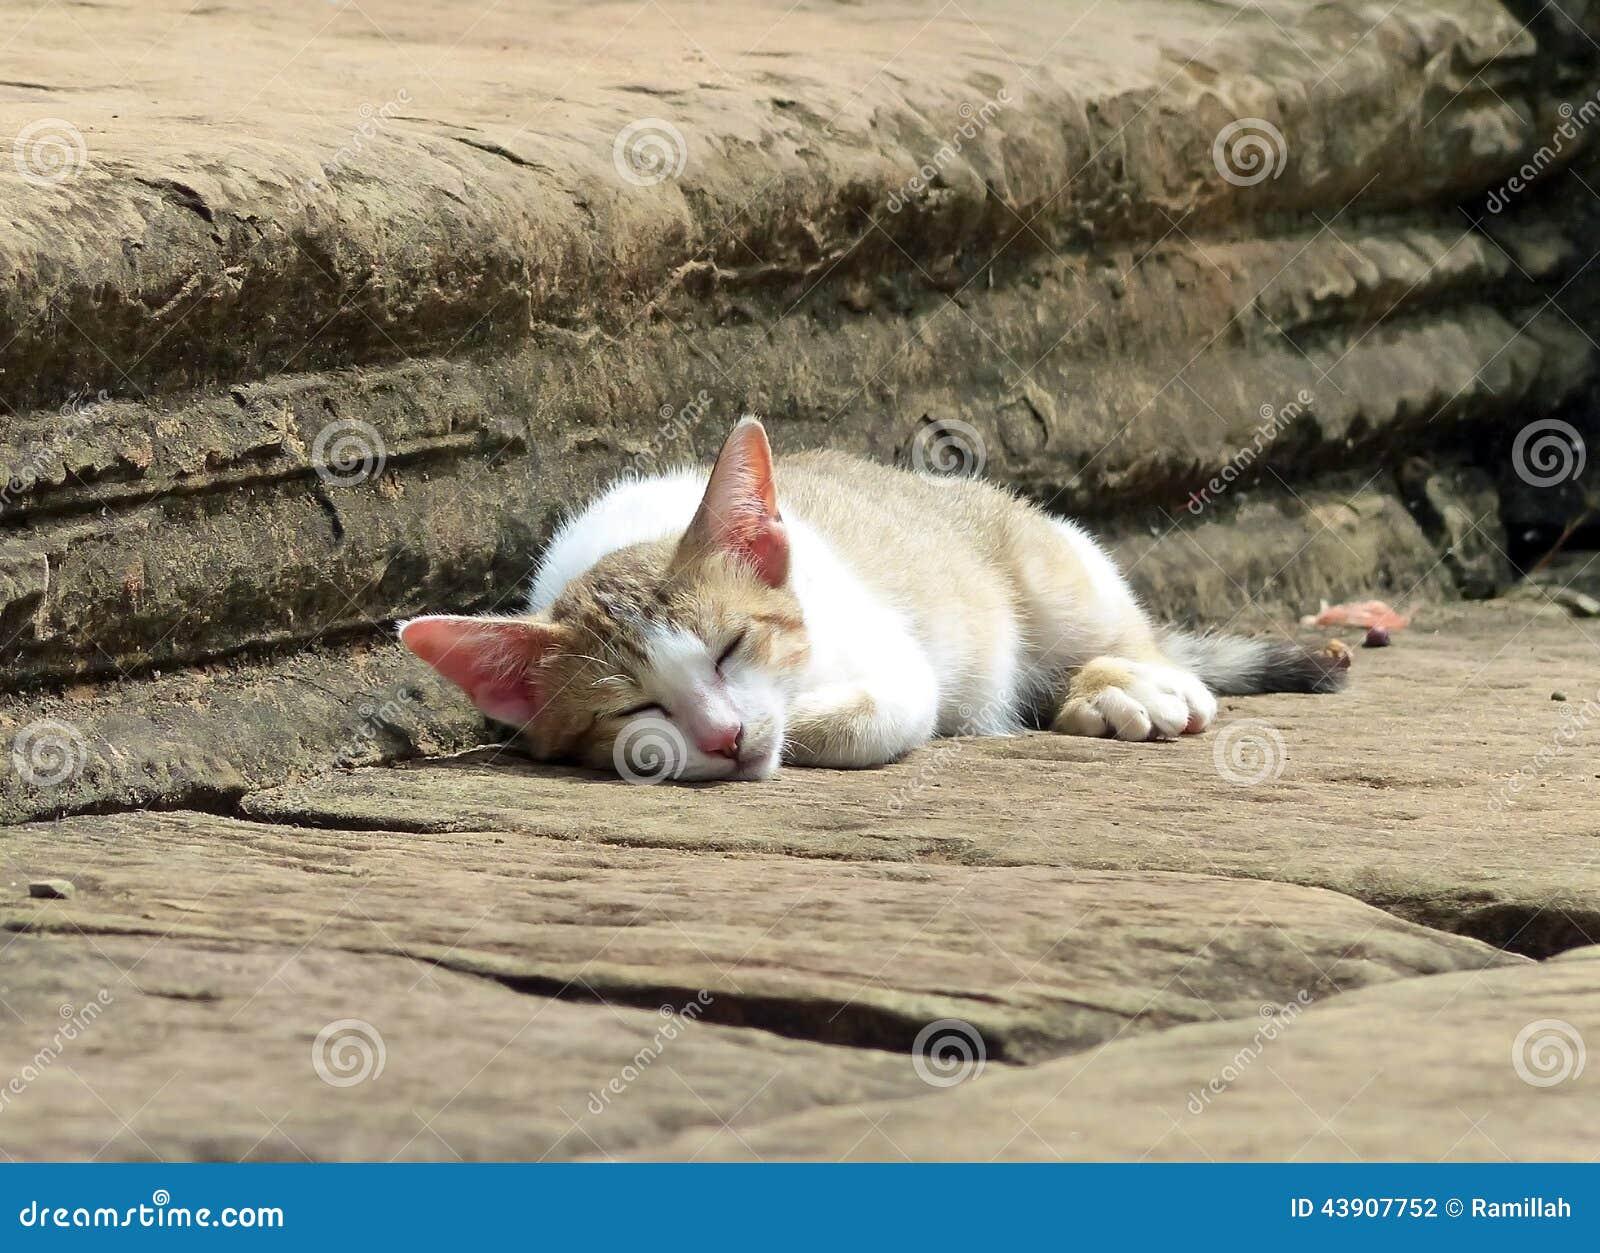 Sova katten på Banteay Samre